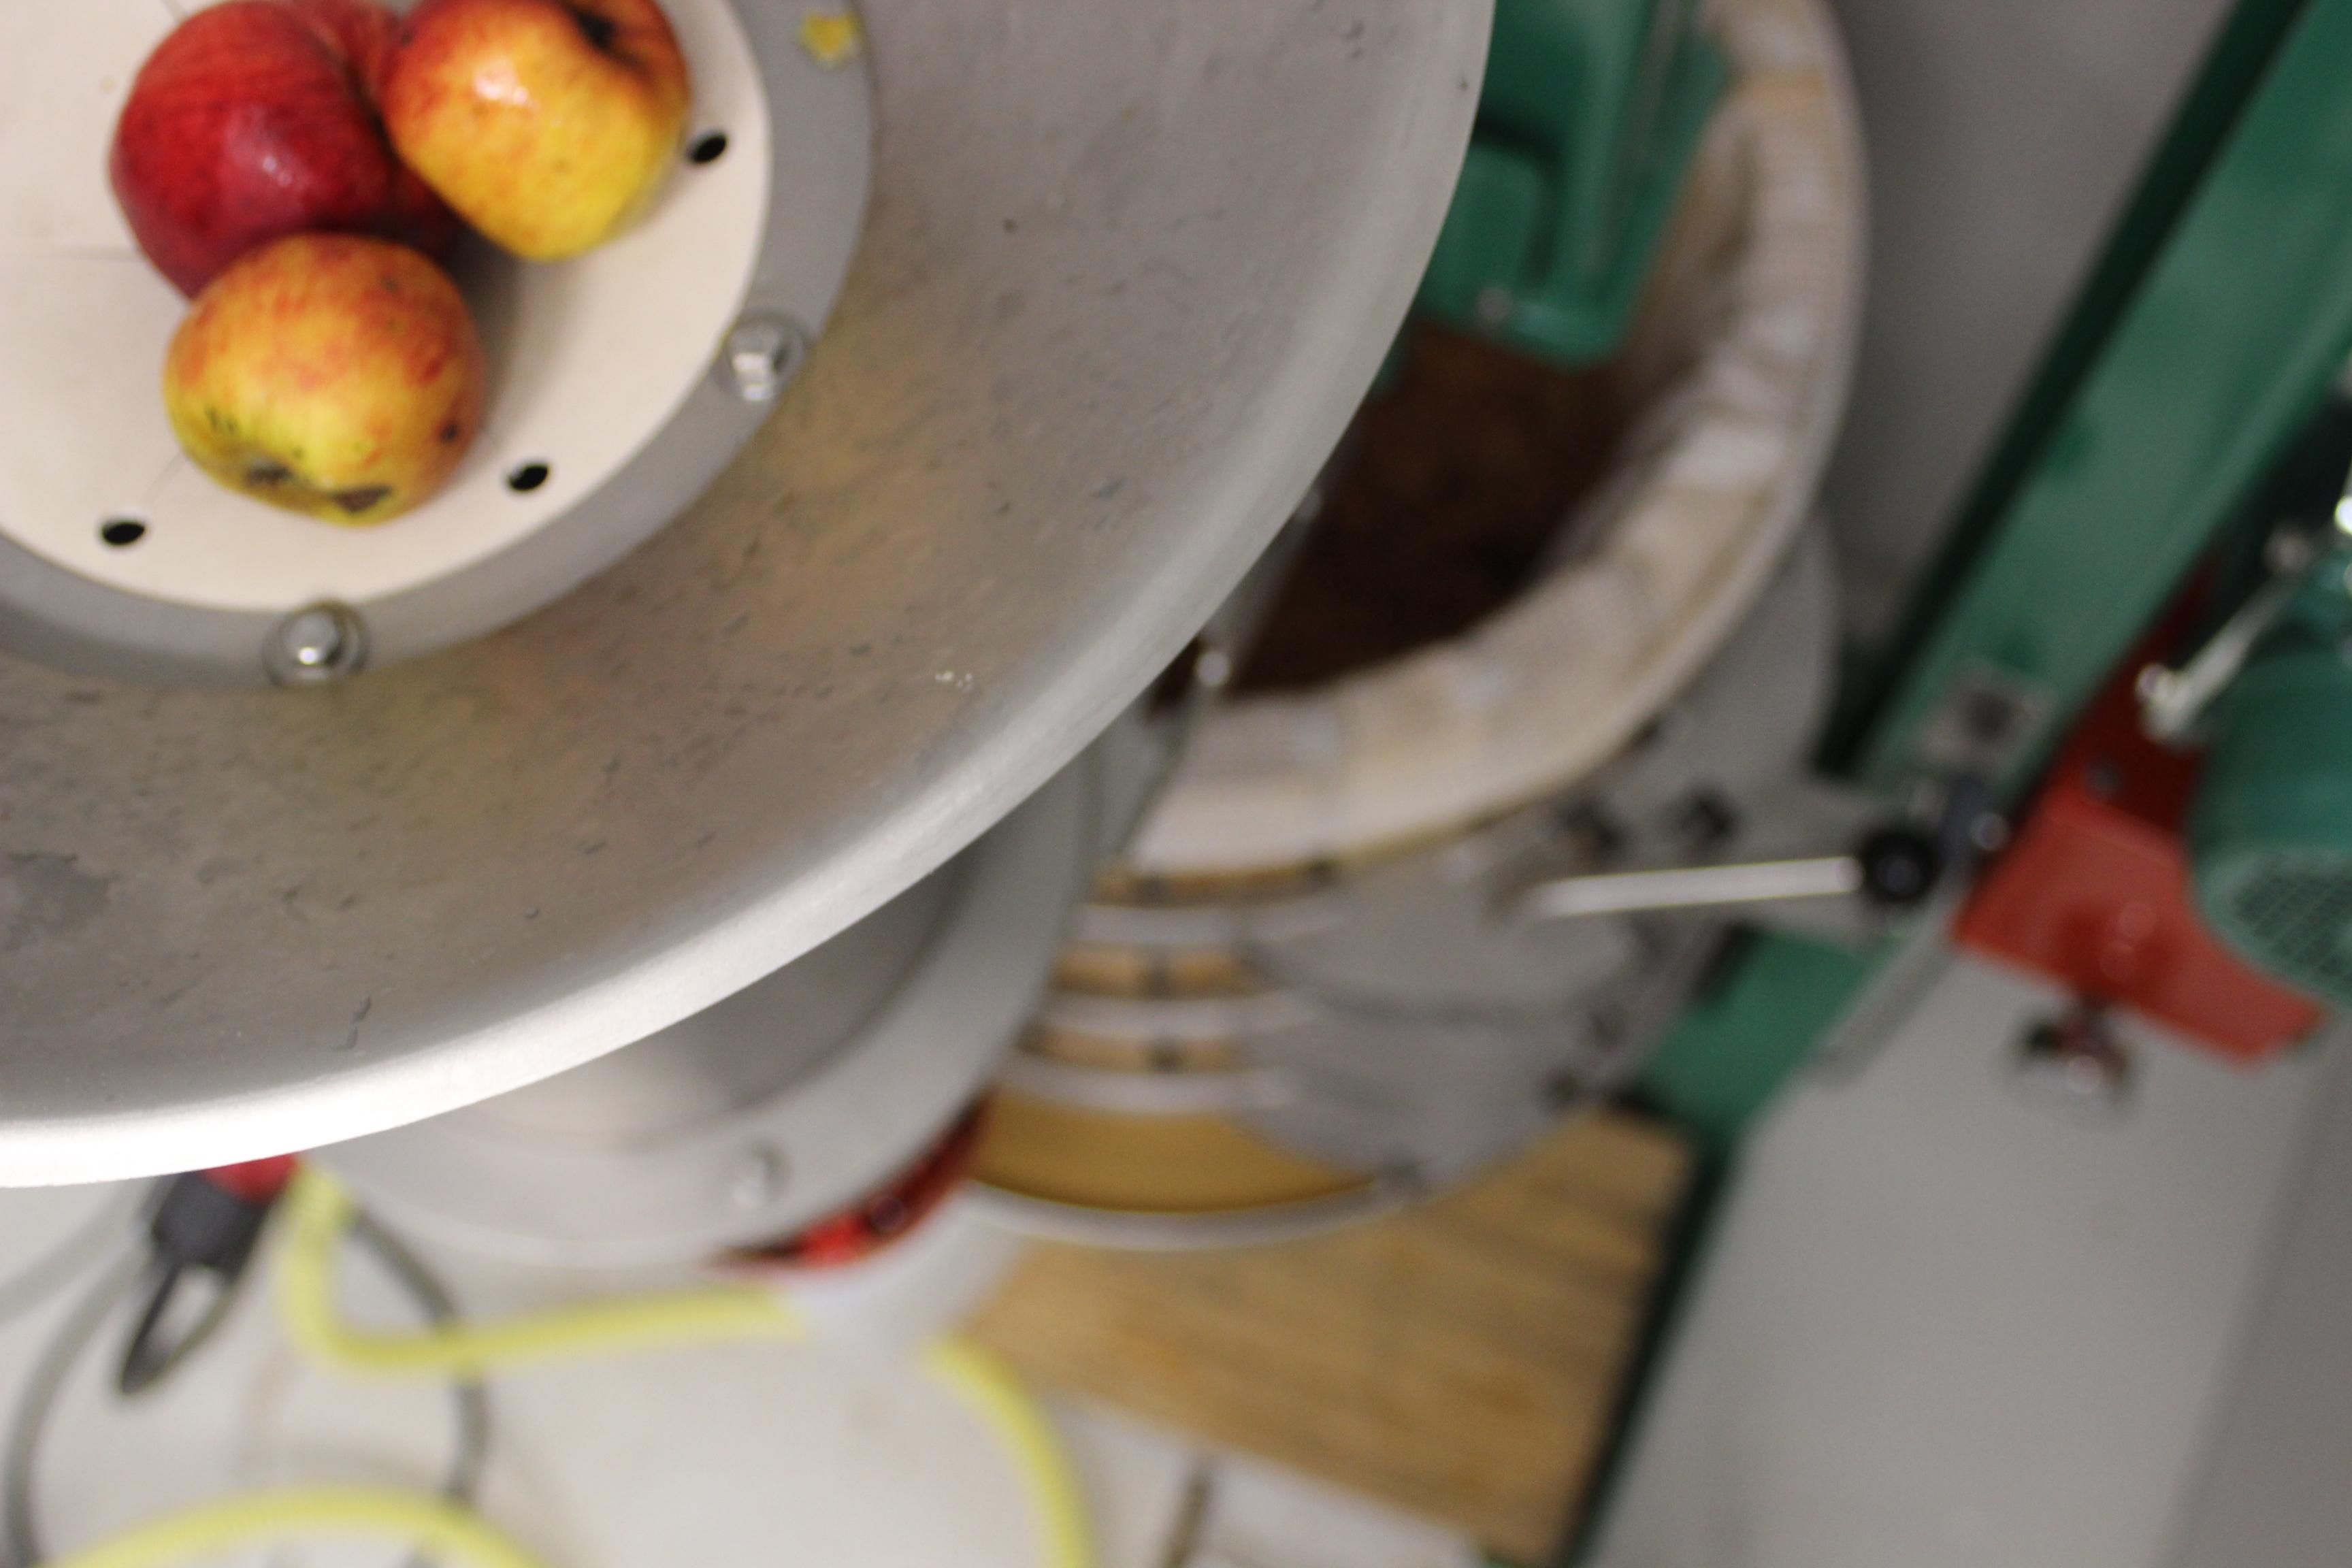 Så krossar vi äpplen, slik att vi skal få ut så mycket juice som möjligt